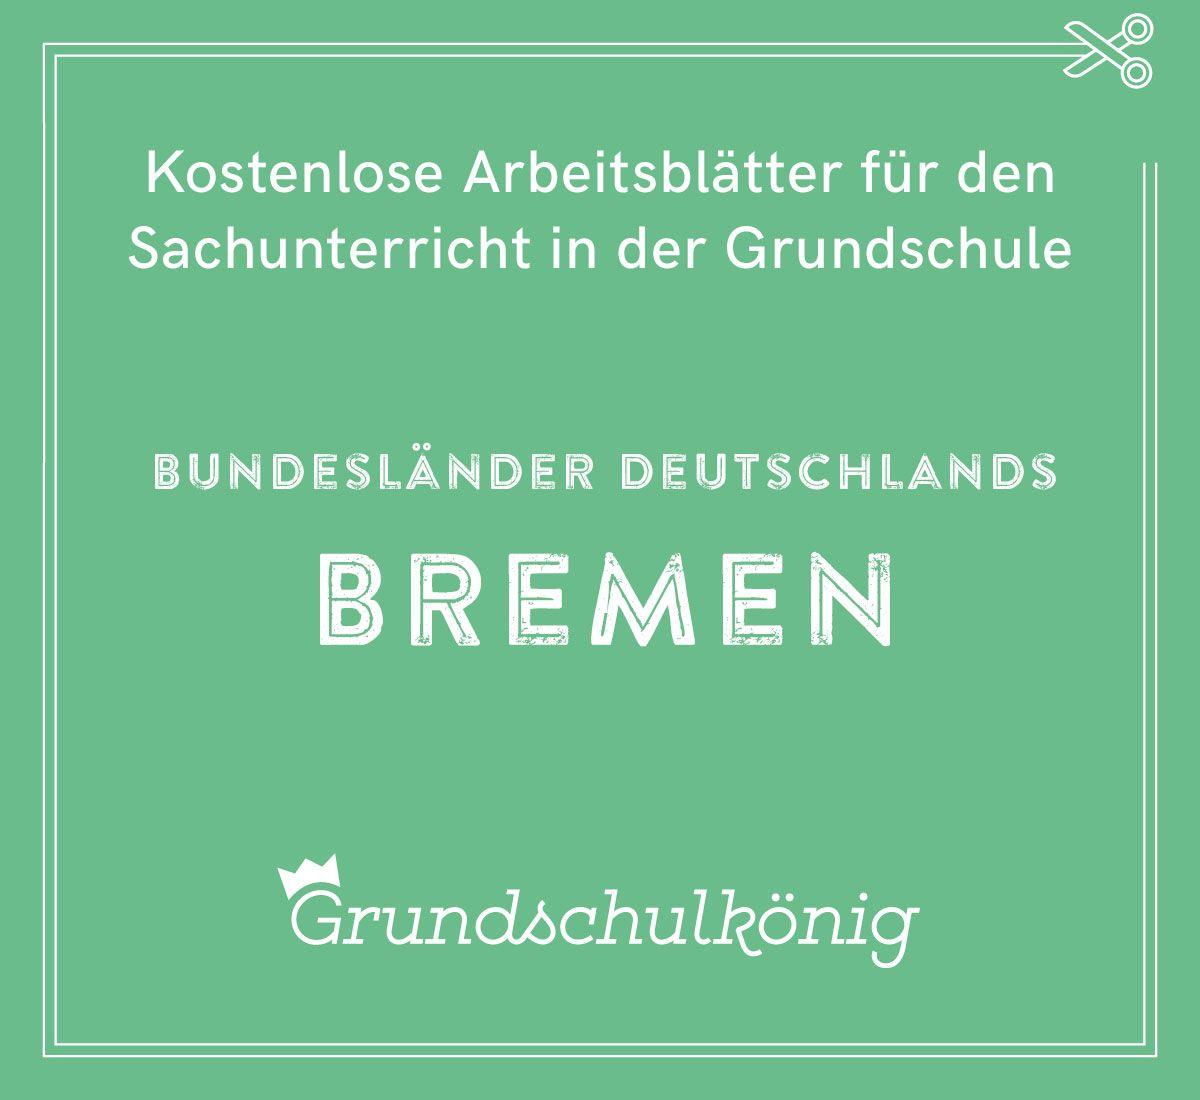 Kostenlose Arbeitsblätter und ein Steckbrief zum deutschen ...